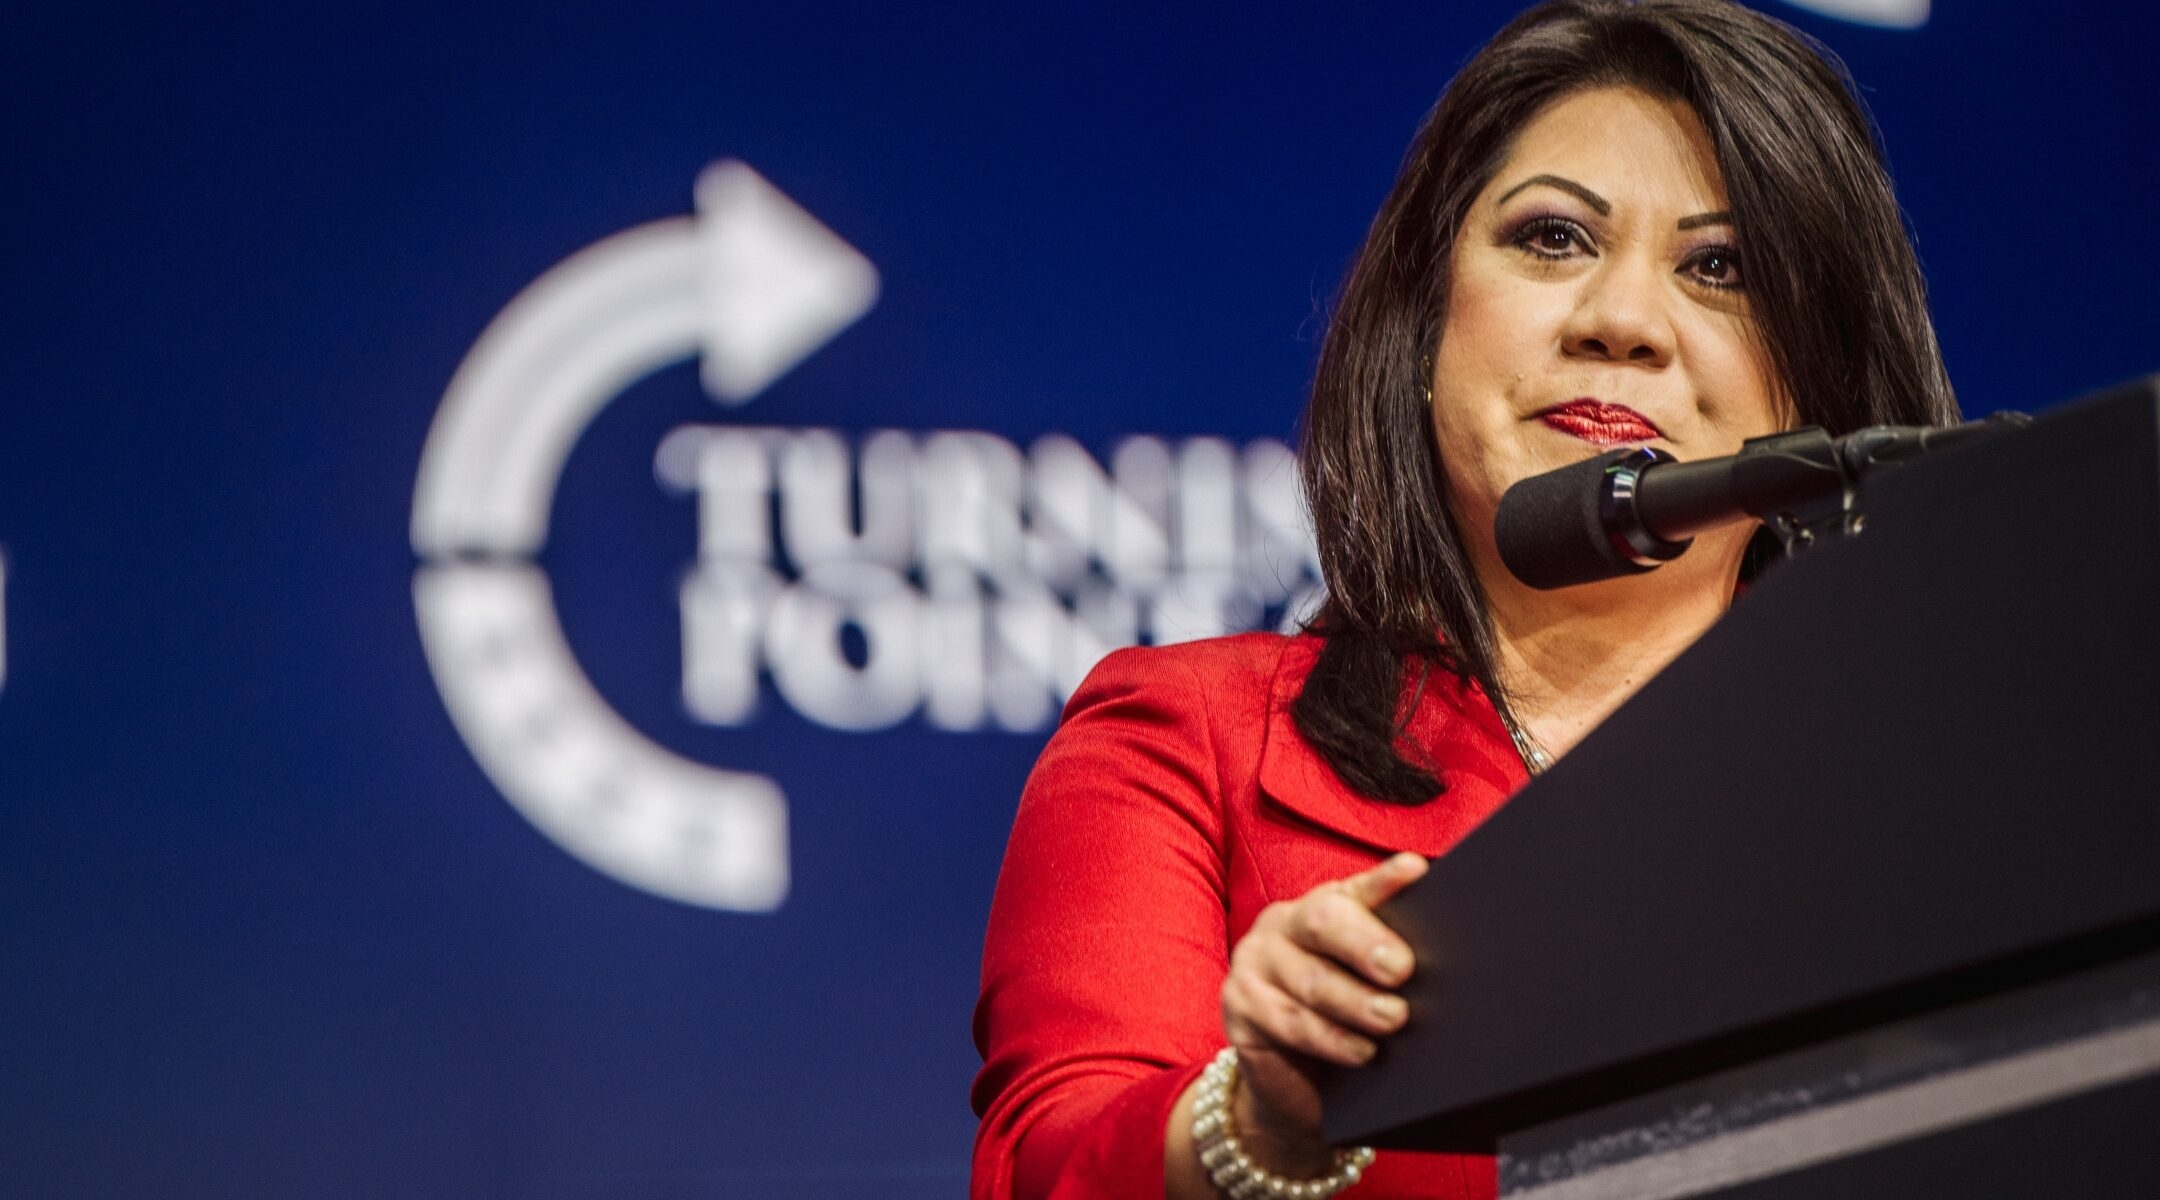 Arizona State Treasurer Kimberly Yee